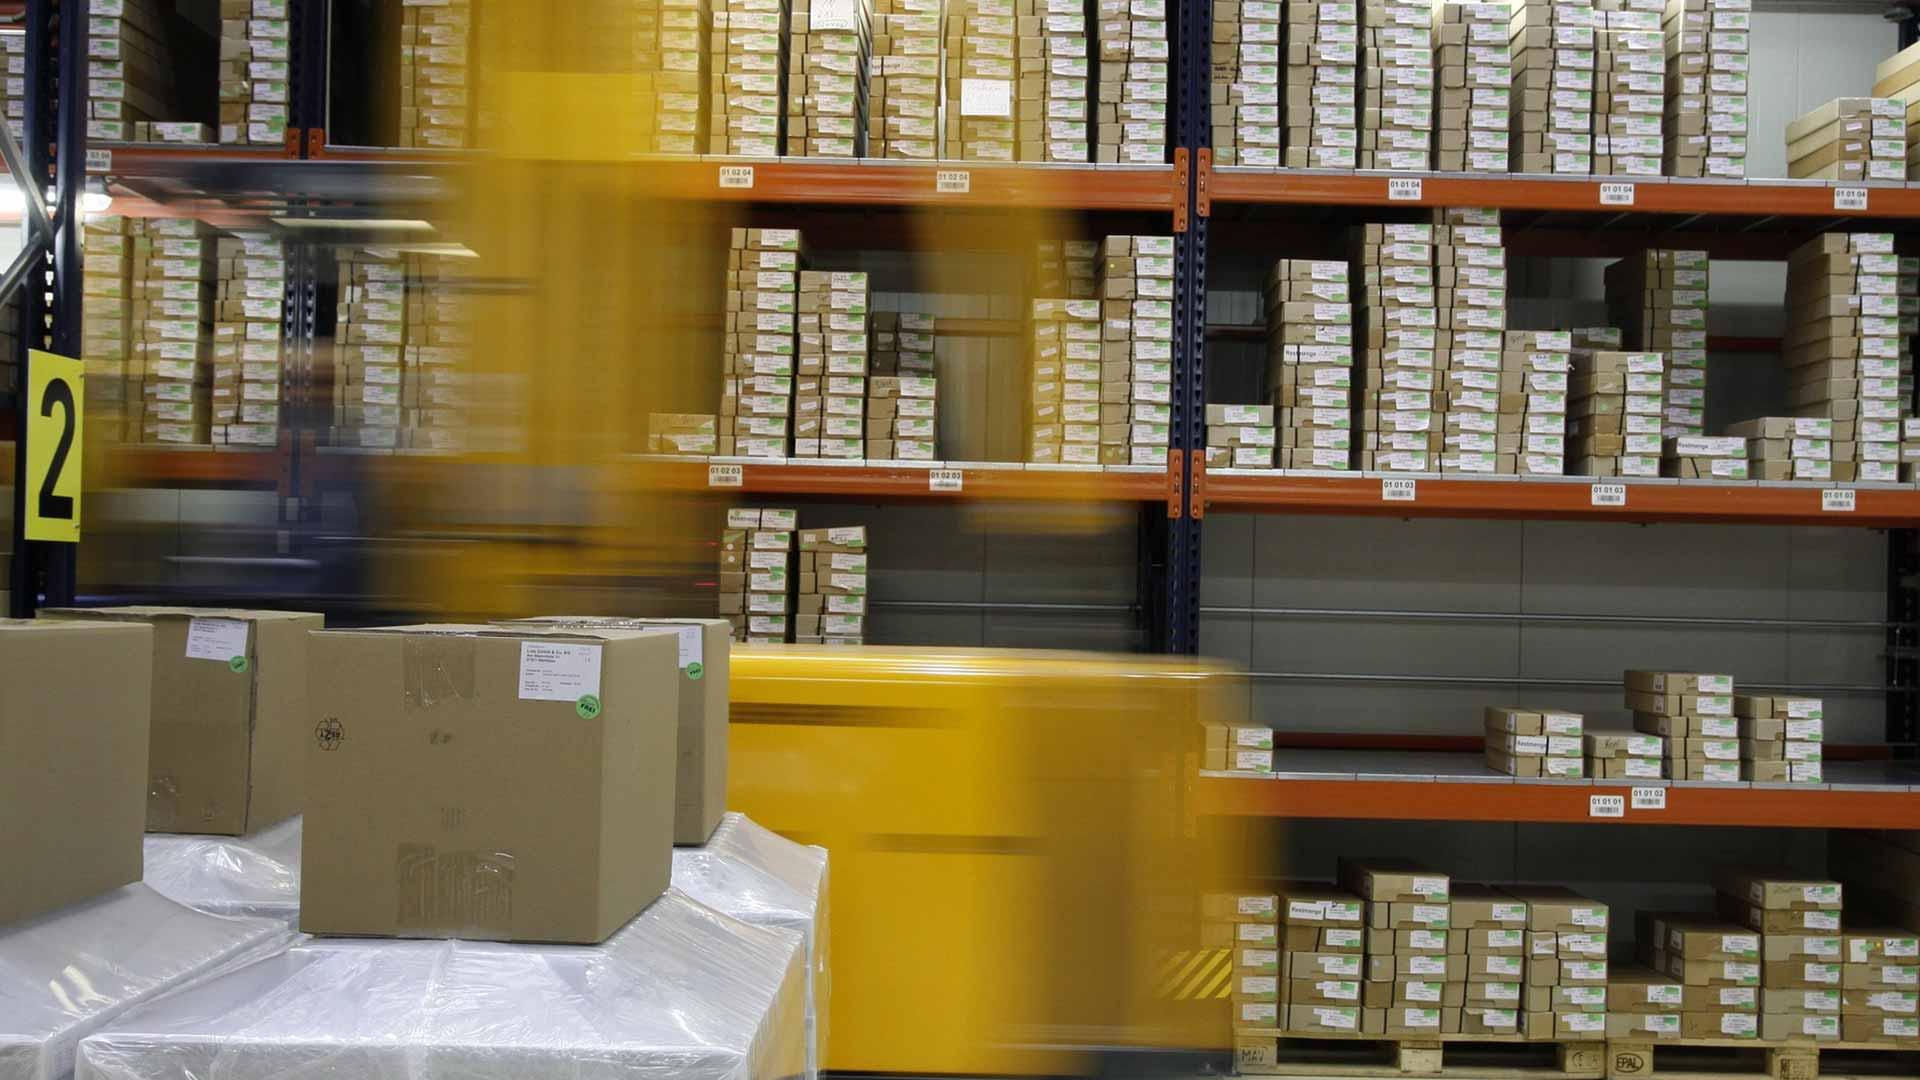 Armazenagem, Picking, Packing e Distribuição